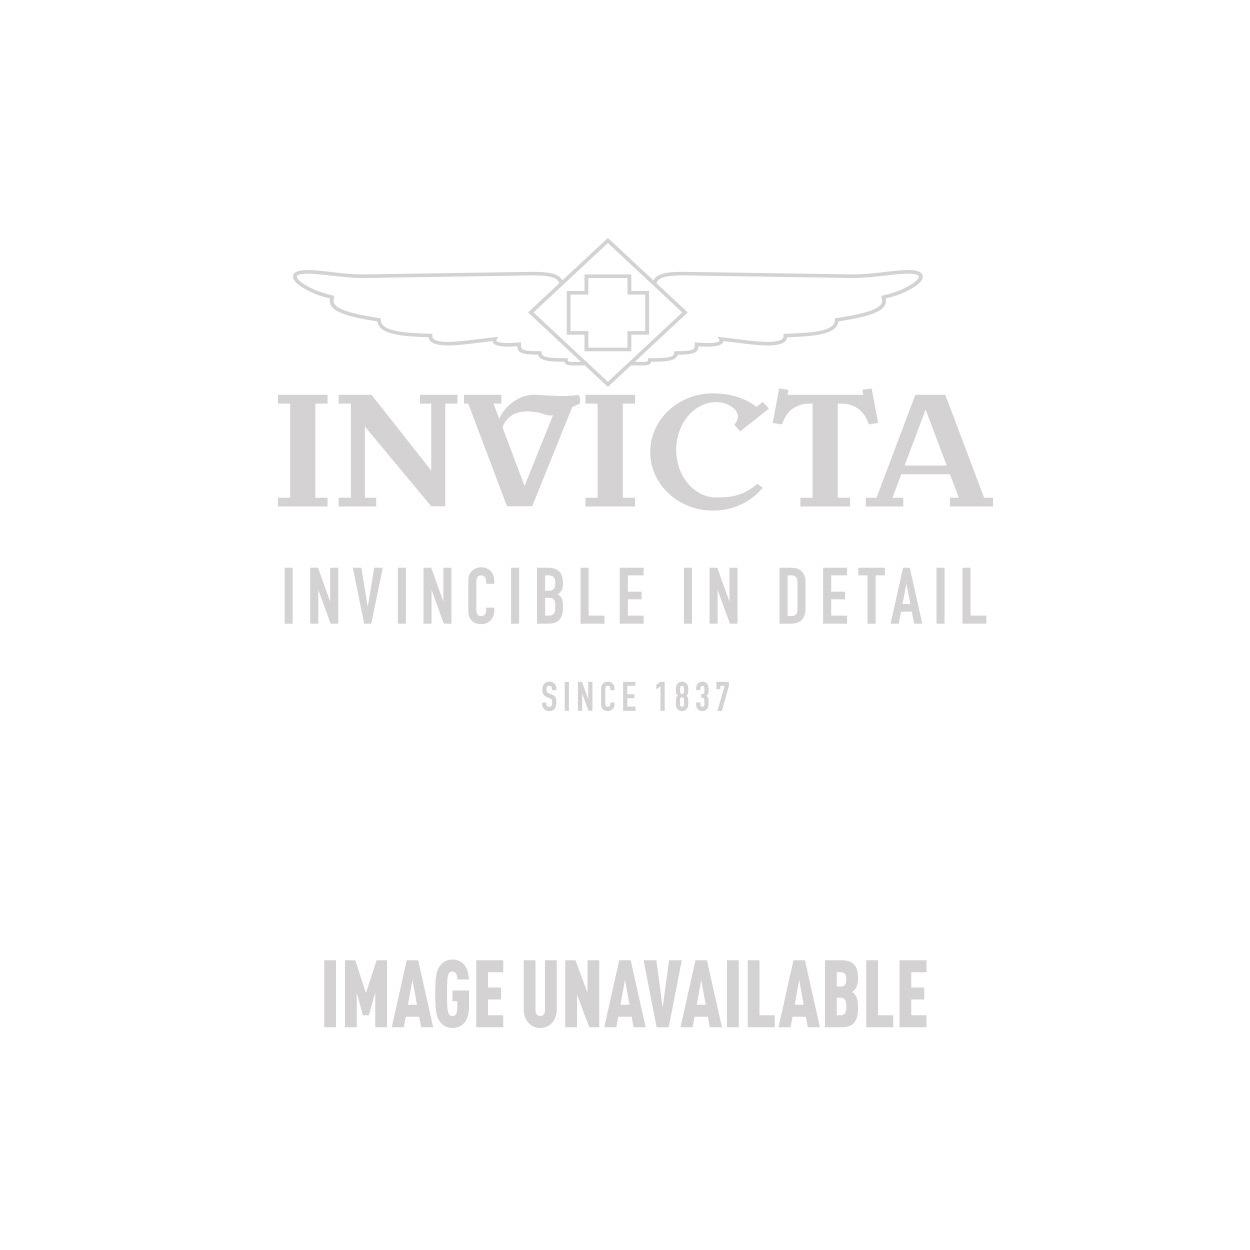 Invicta Model 27381